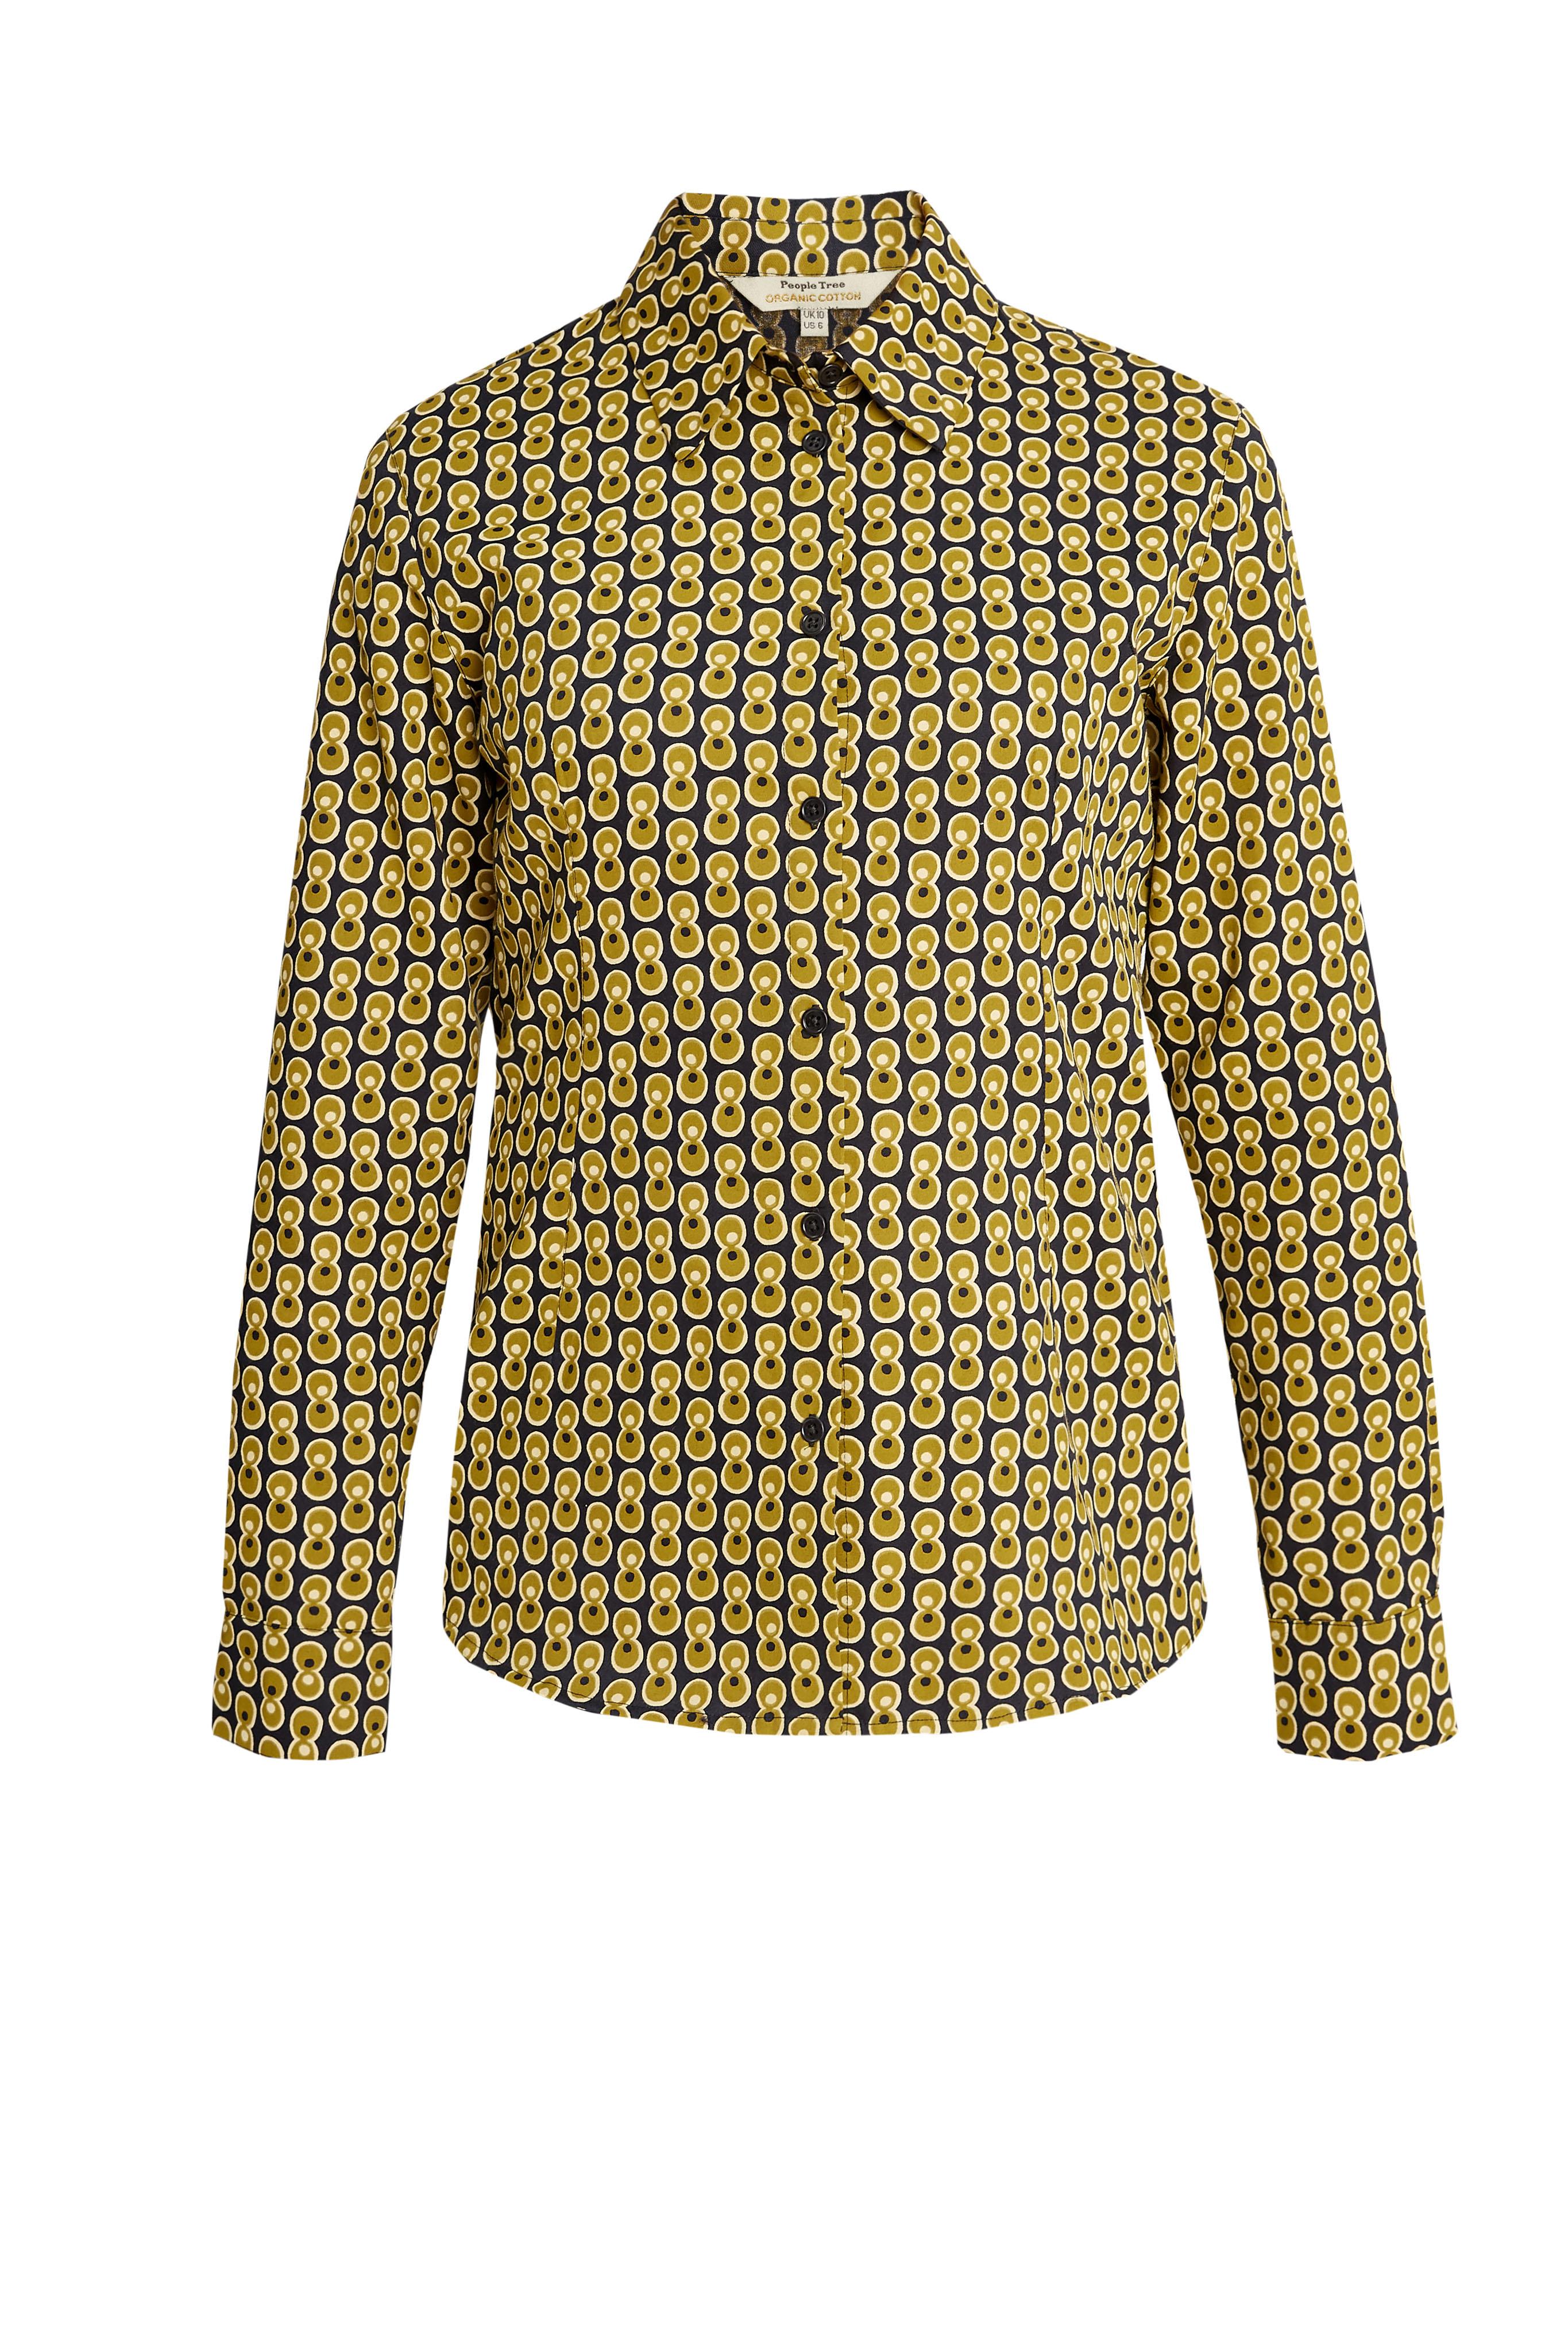 V & A Cosmic Print Shirt 8